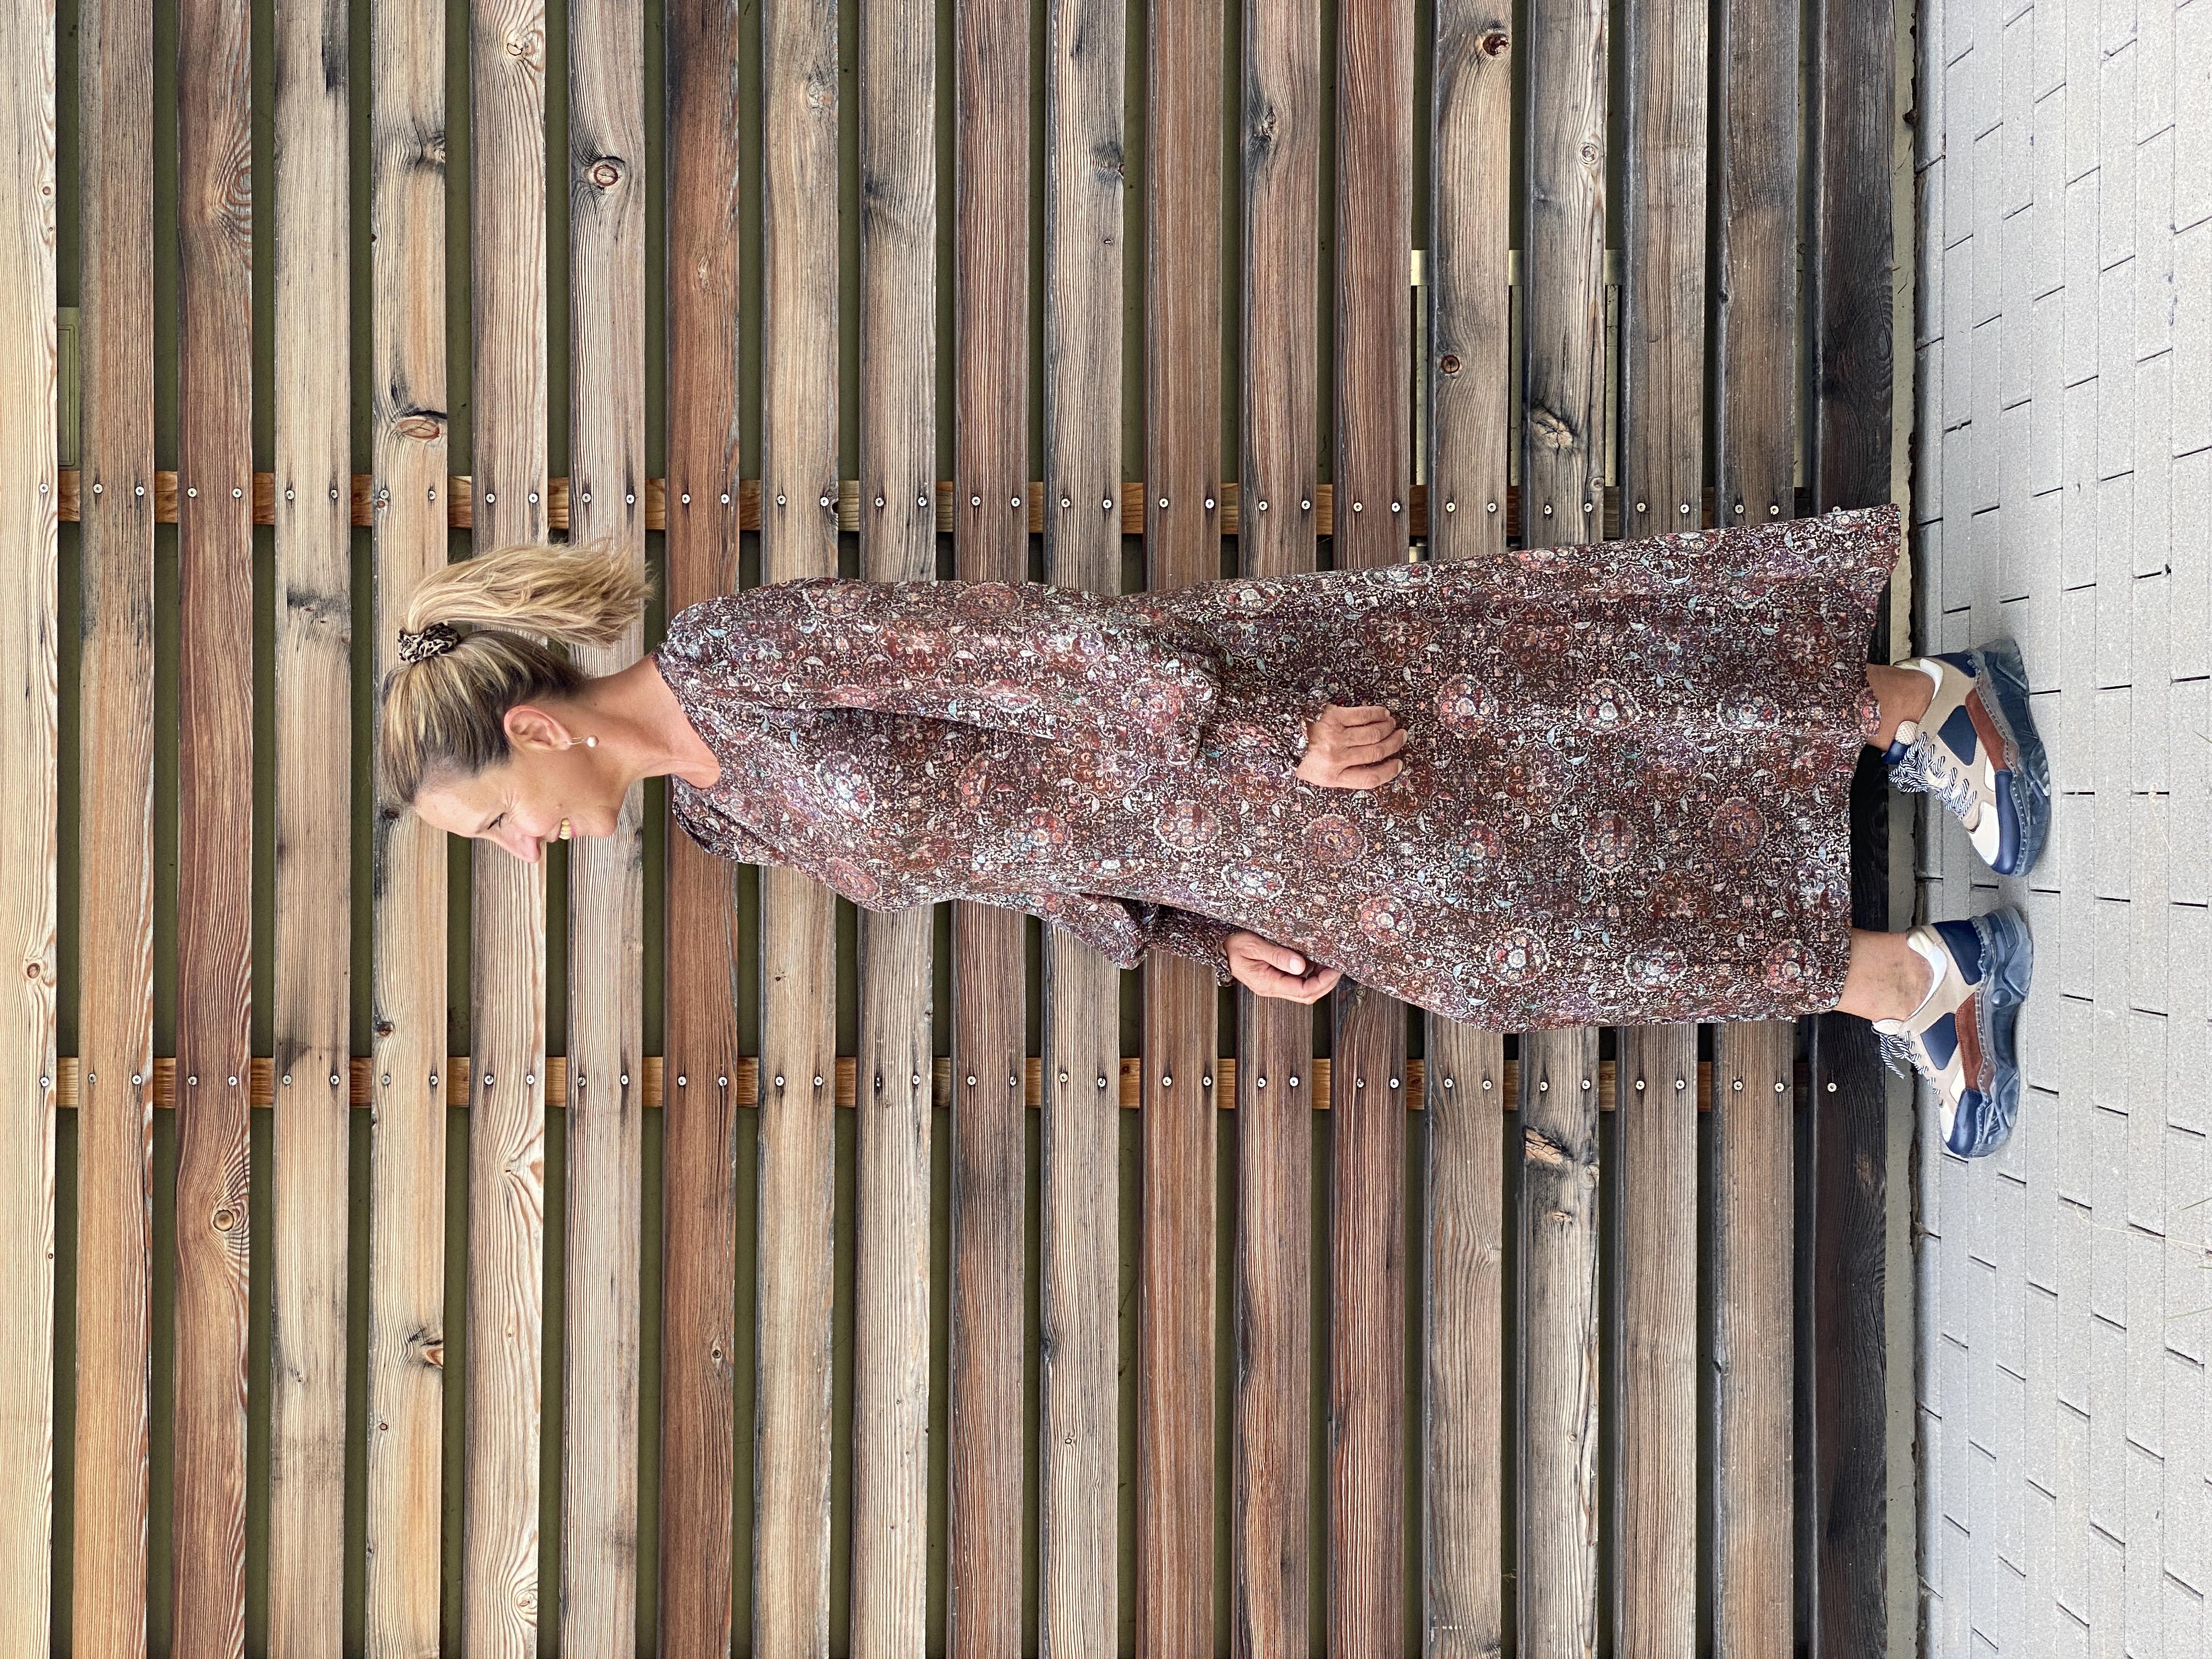 Maxikleid bedruckt - Summum Woman